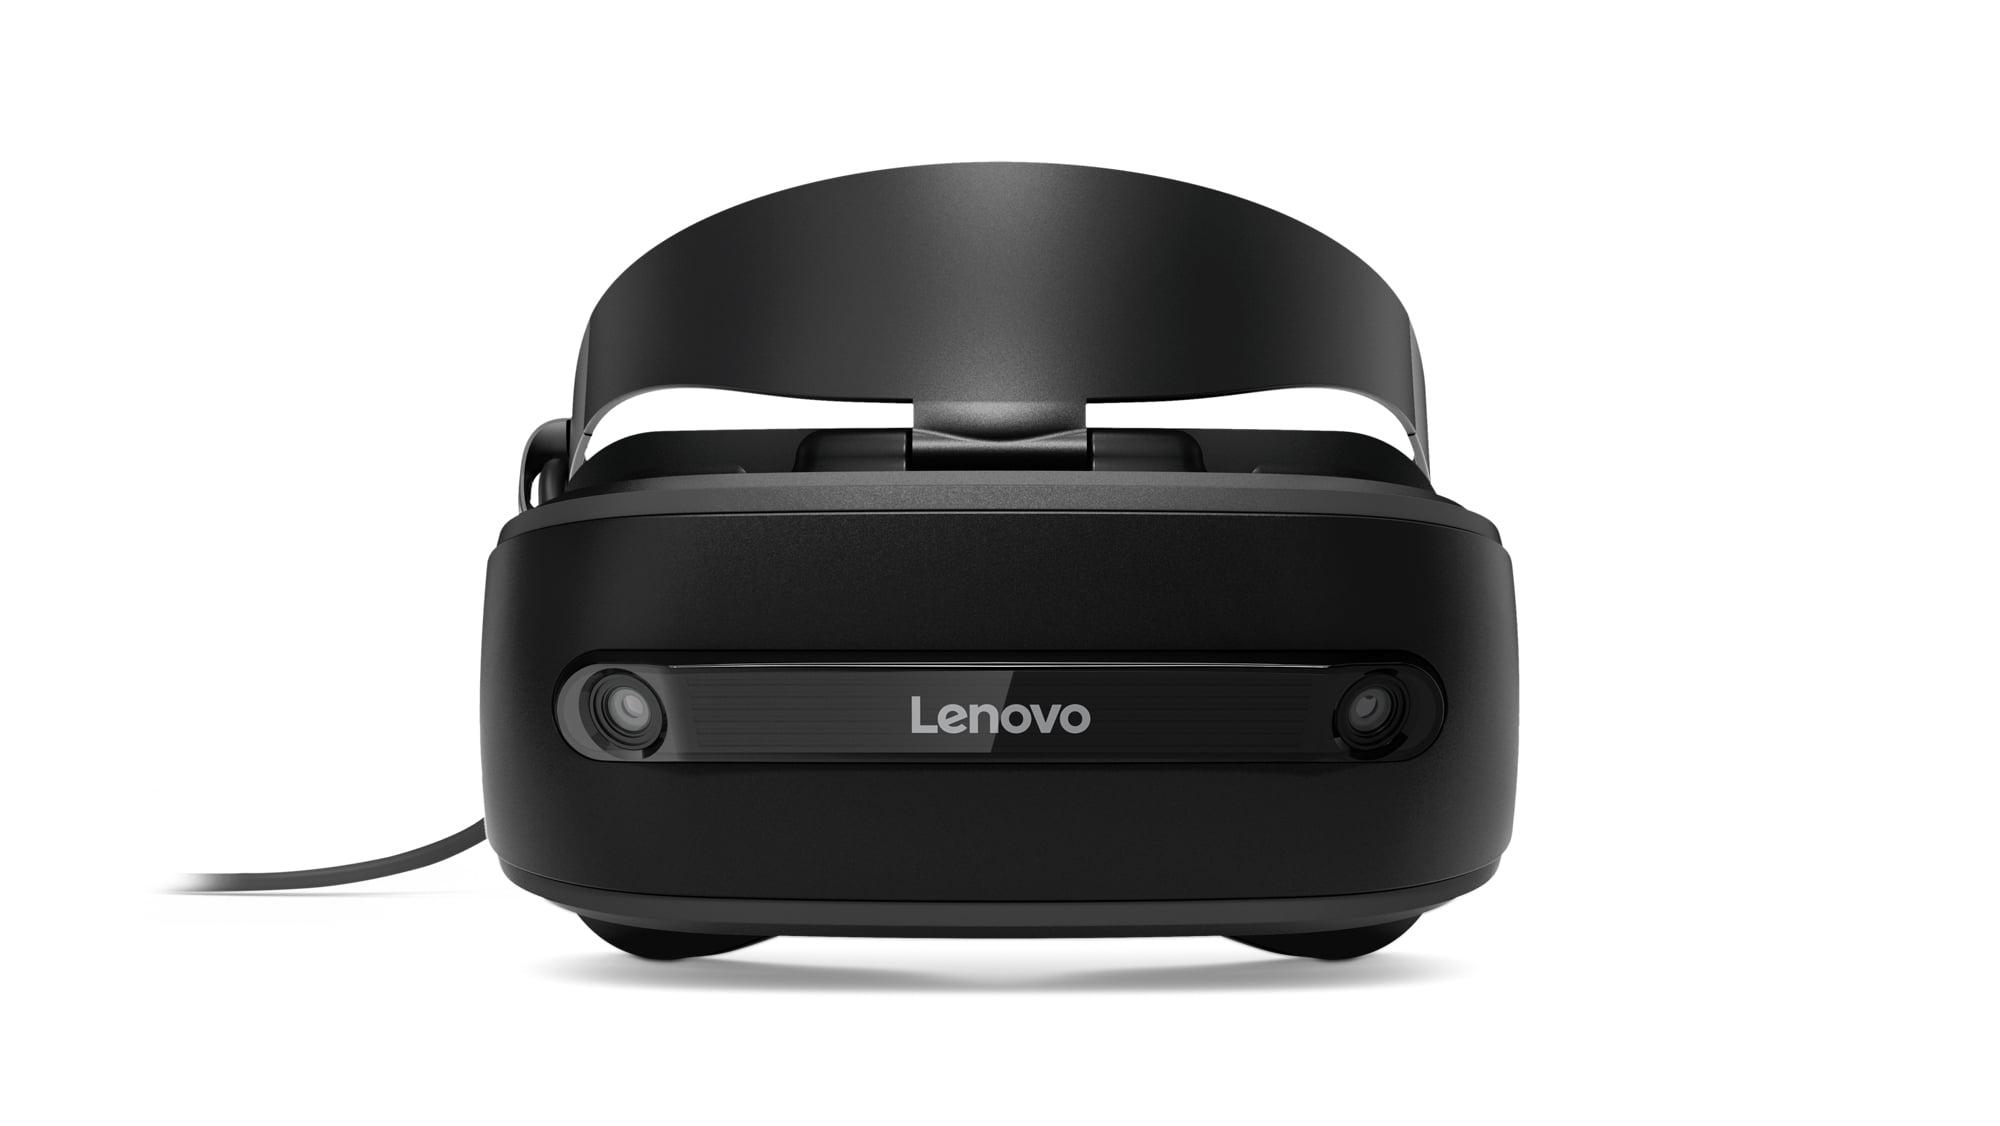 Im Bundle mit Microsofts 3D-Controllern kostet das Gerät 449 US-Dollar. Von den anderen Windows-Brillen unterscheidet es sich nur geringfügig.